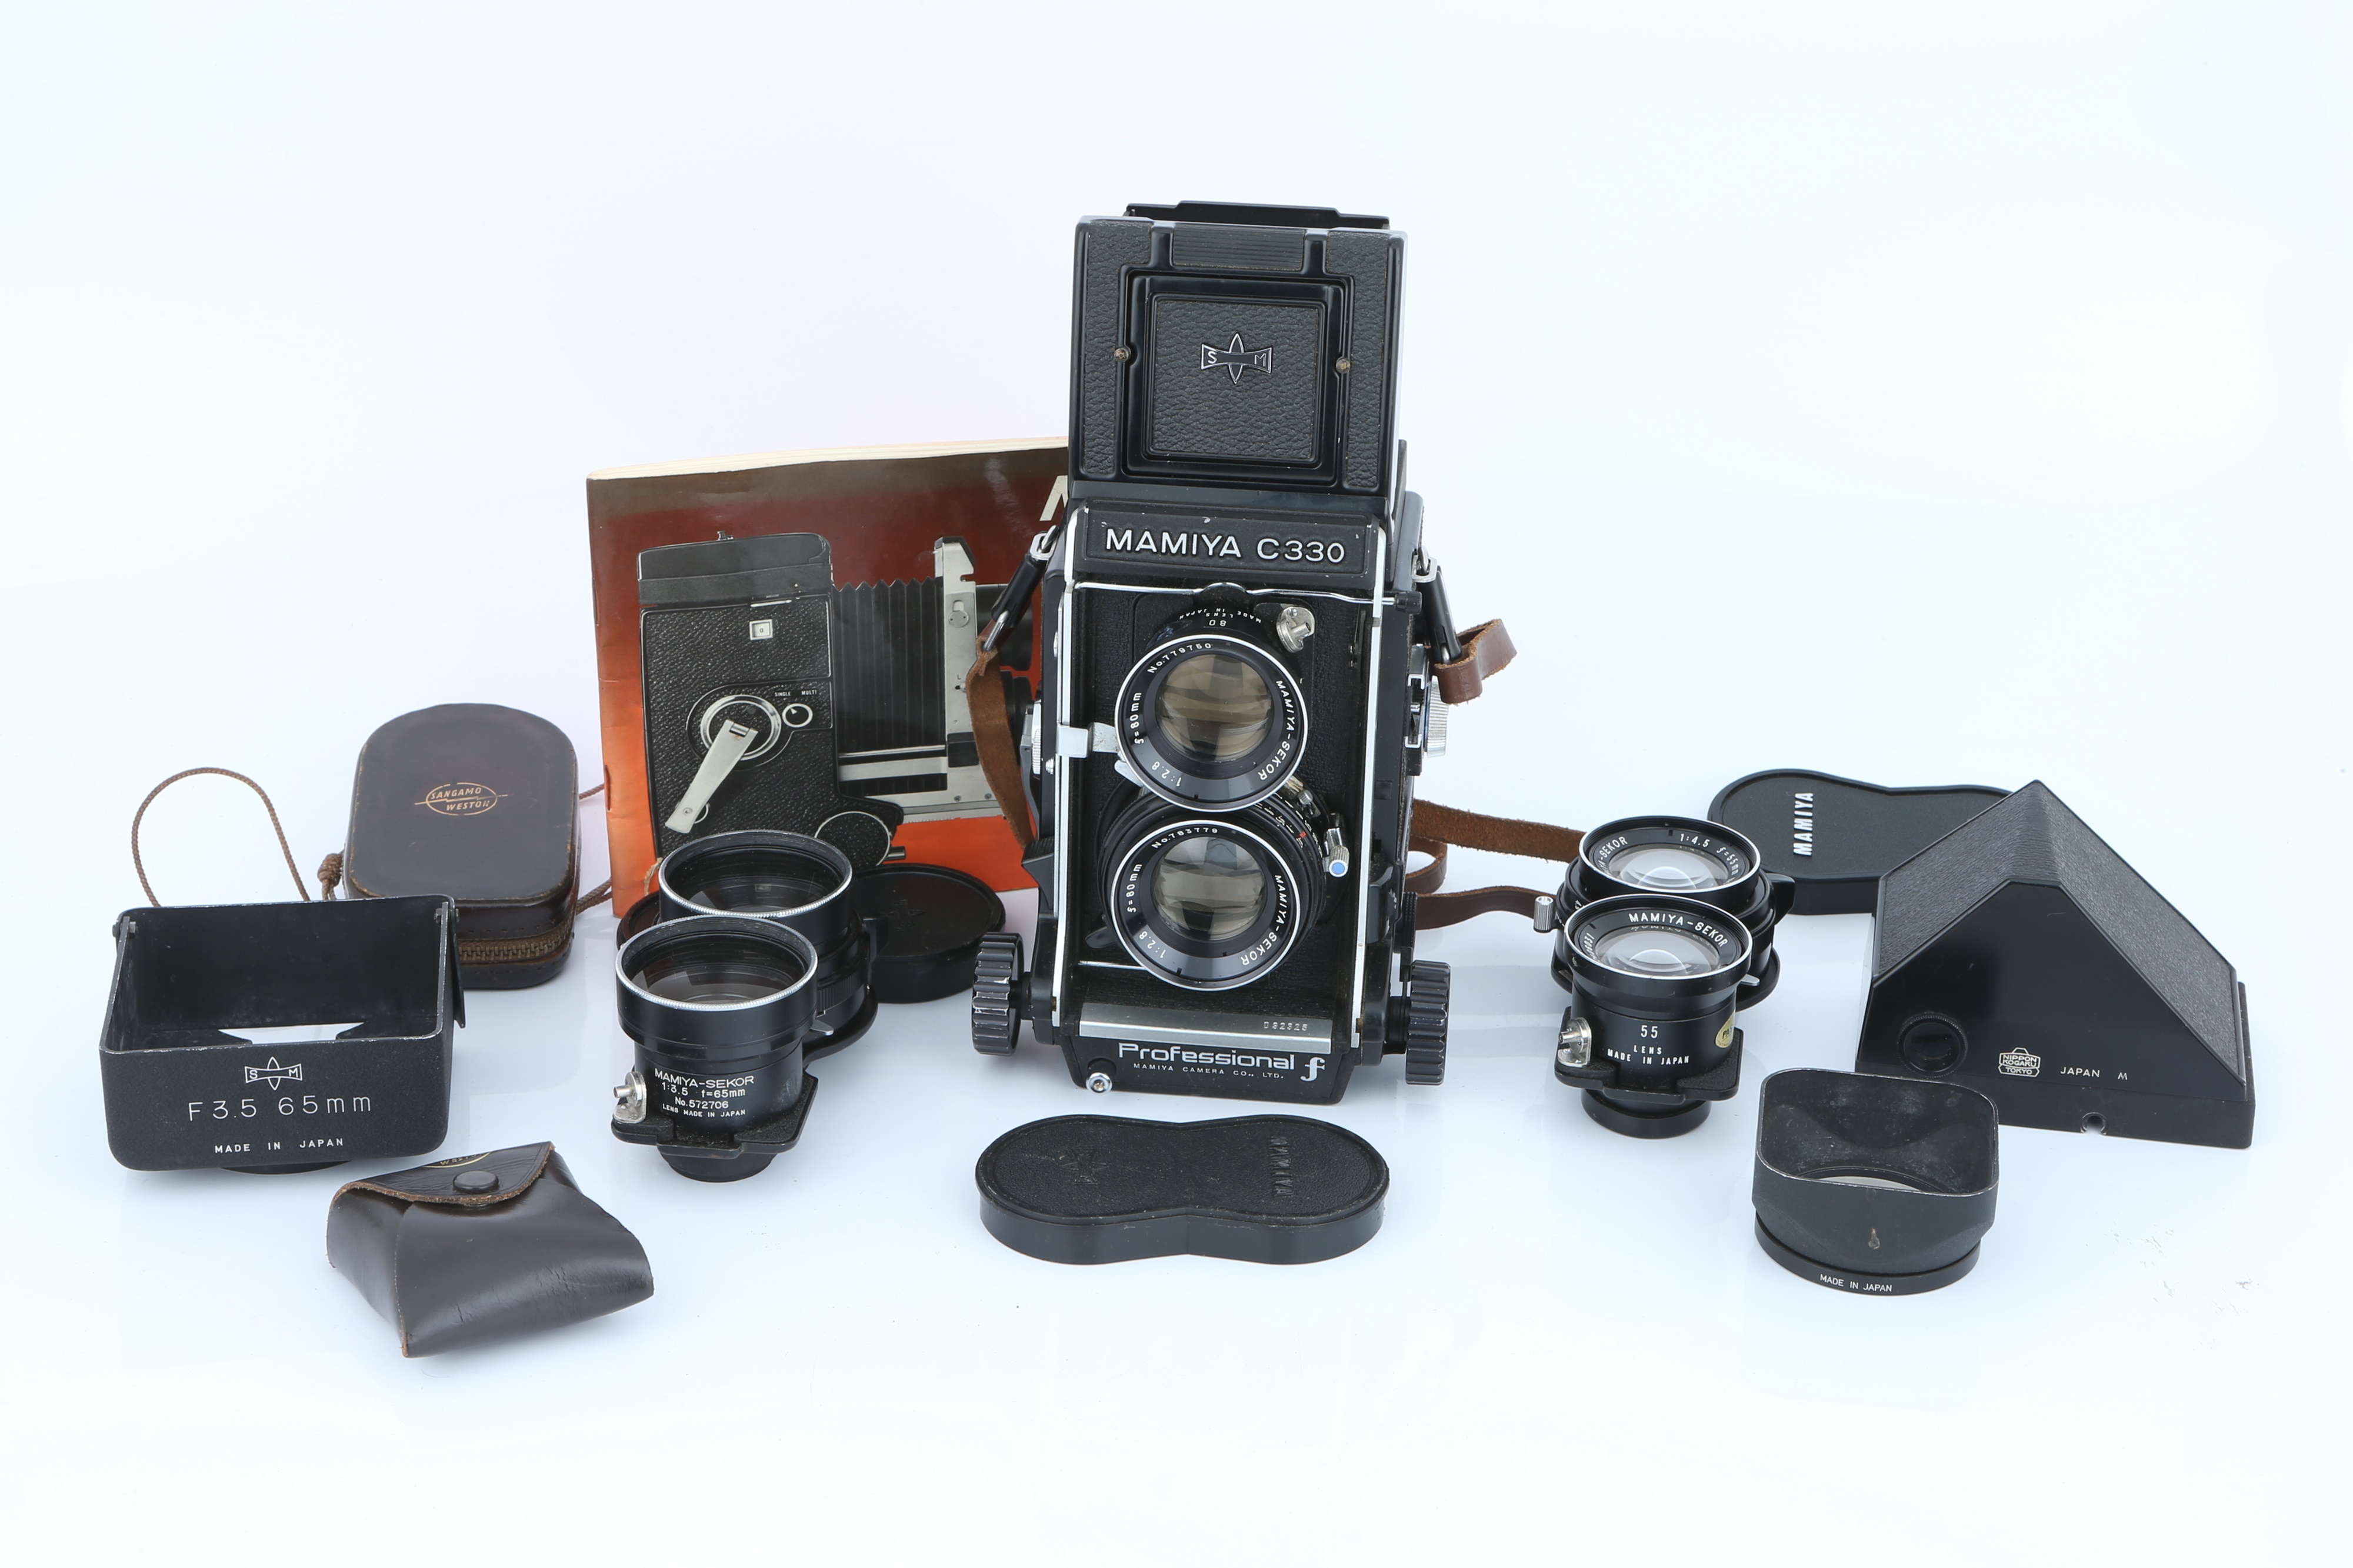 A Mamiya C330 Professional TLR Camera,